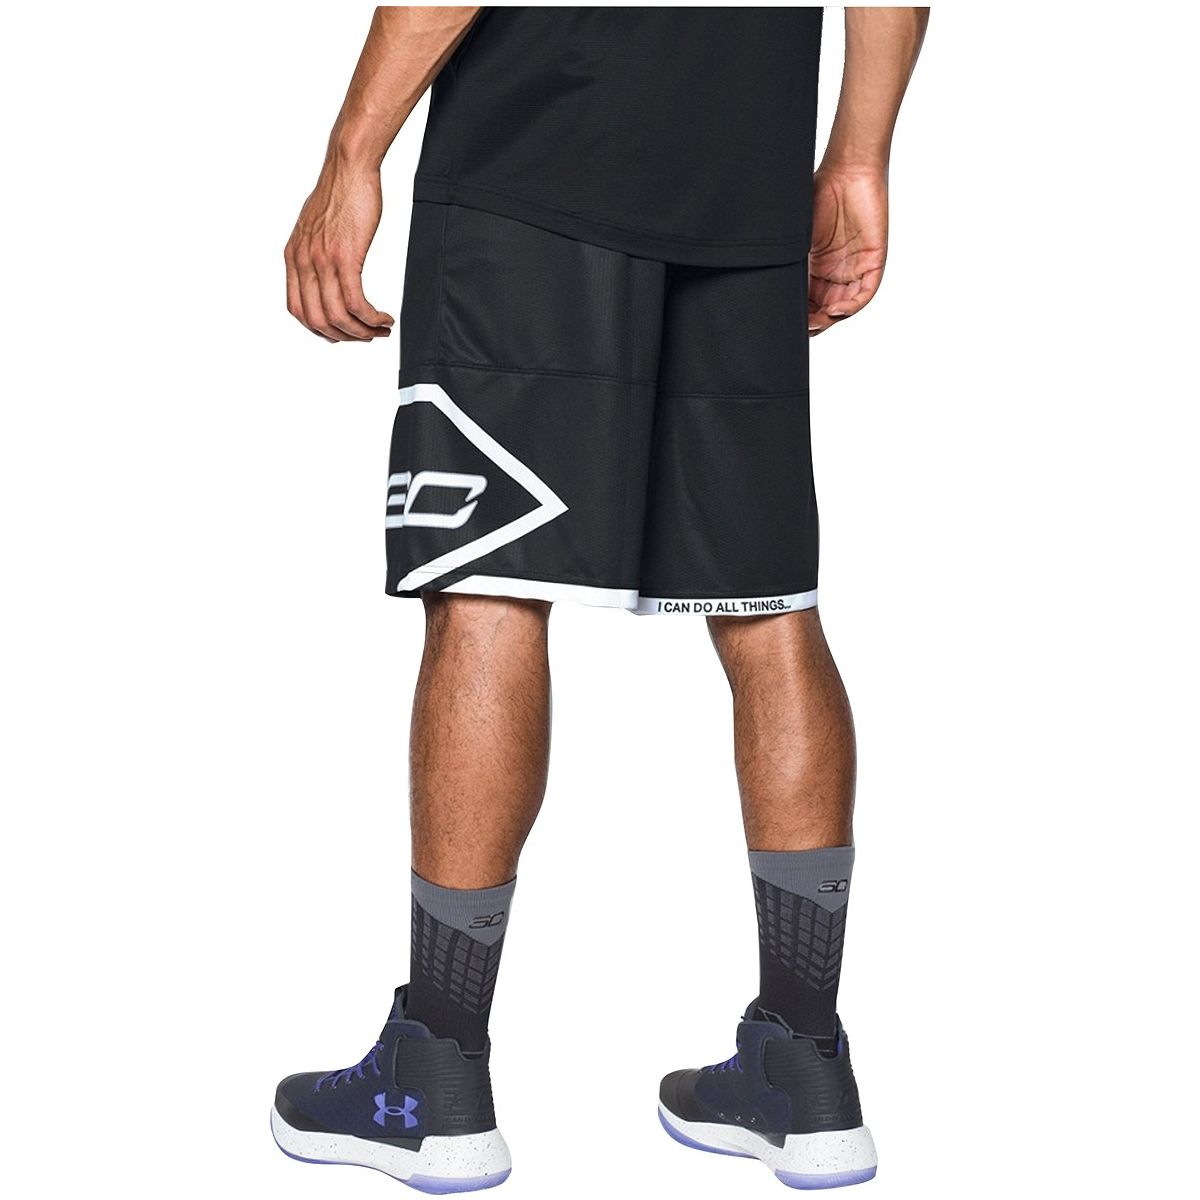 Îmbrăcăminte -  under armour SC30 Pick n Roll Shorts 8337